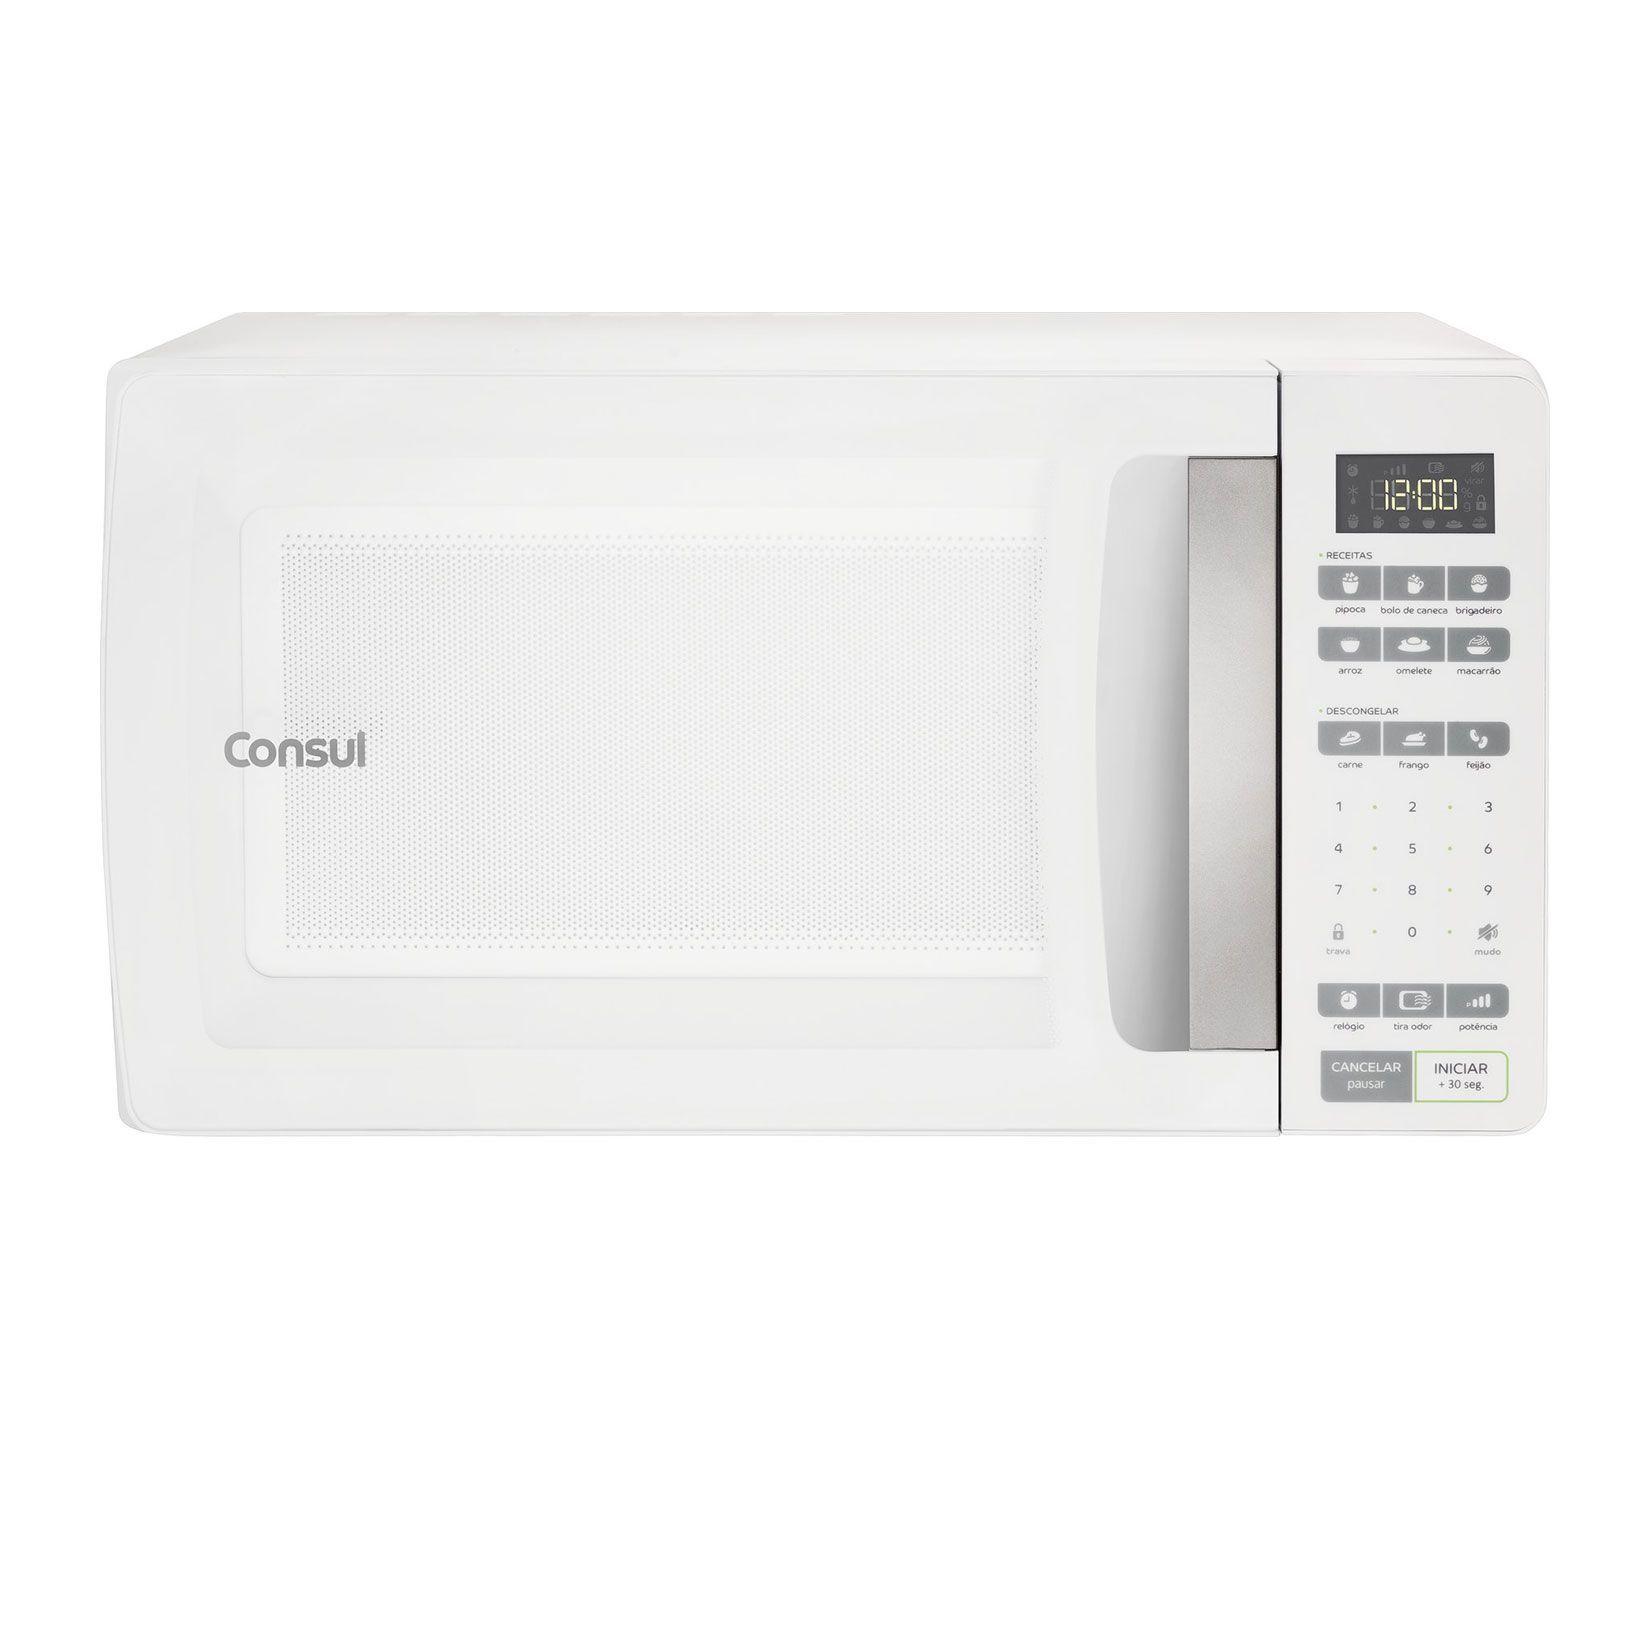 dc2e4db77 Micro-ondas Consul 32 Litros Branco com Função Descongelar